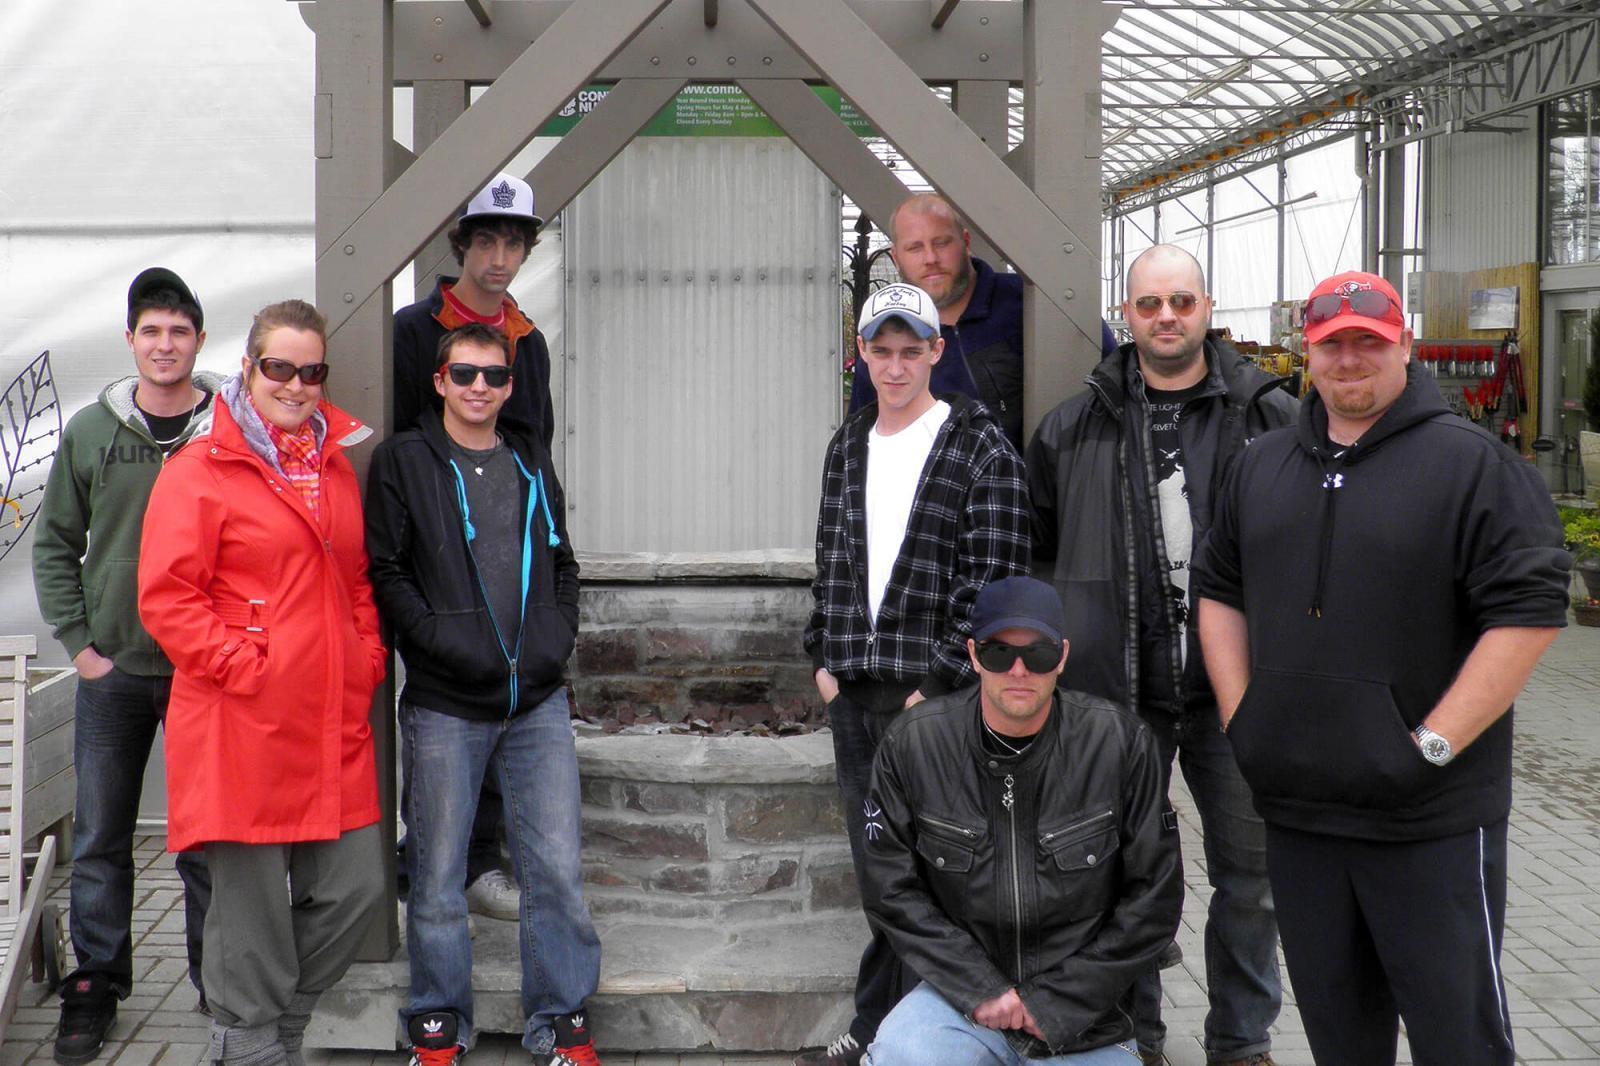 Upper Canada apprentices